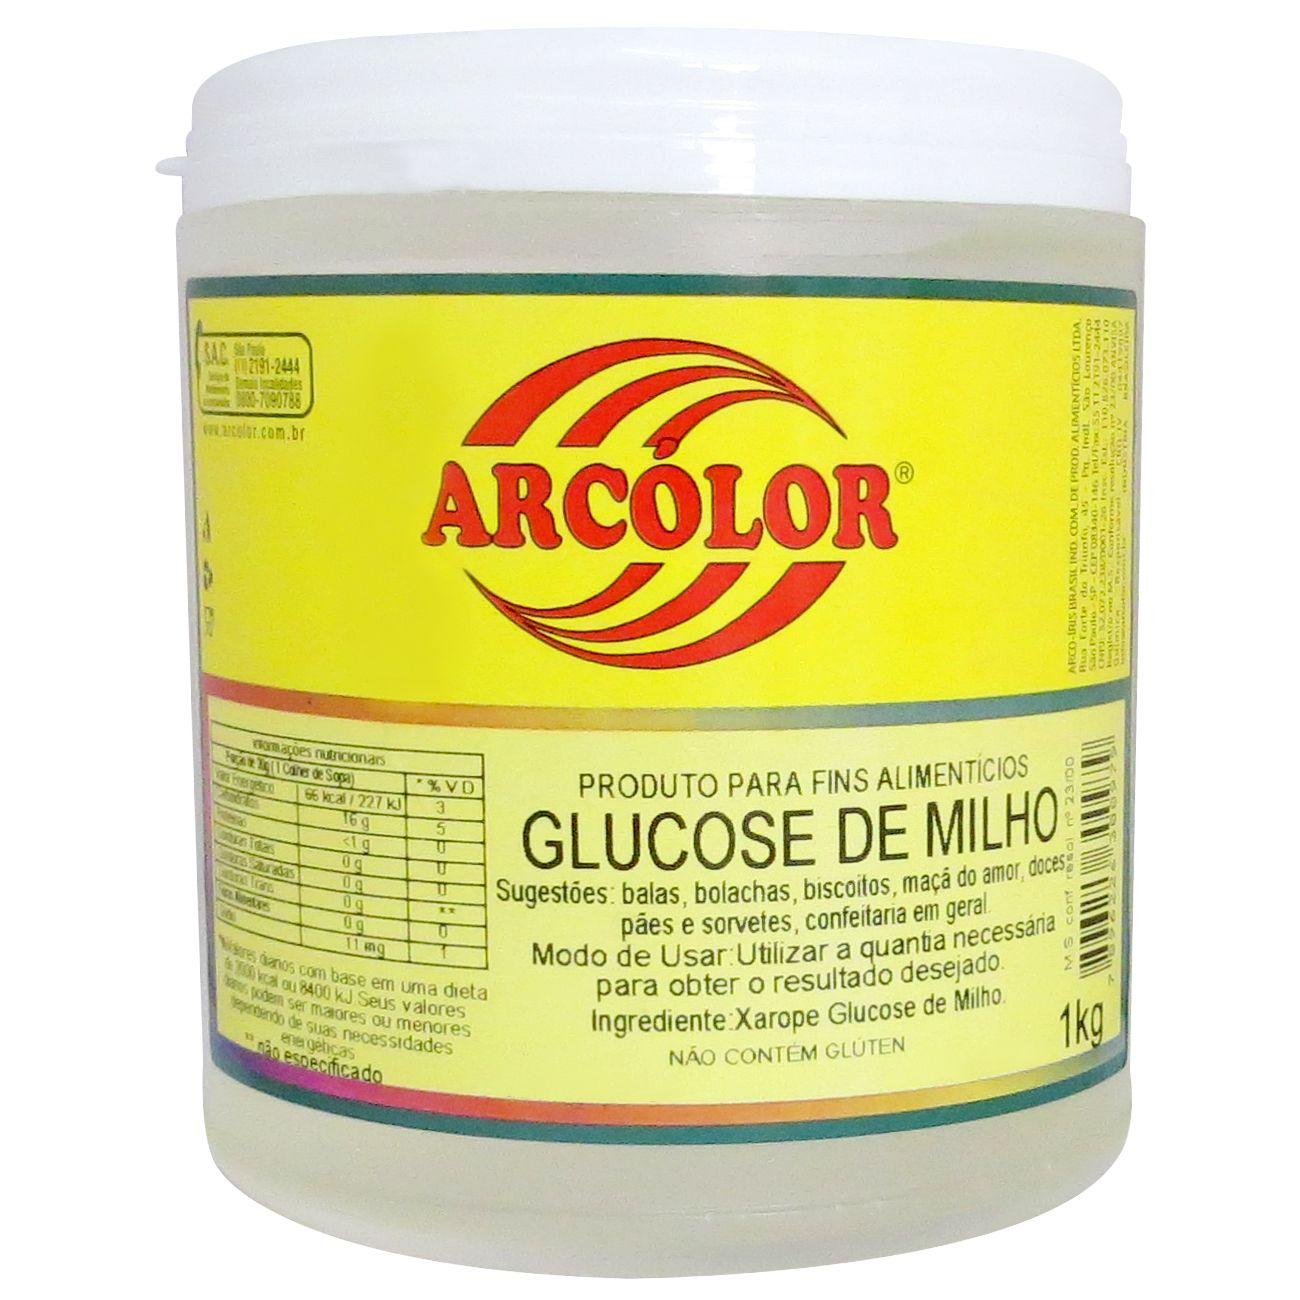 Glucose de Milho 1kg - Arcolor